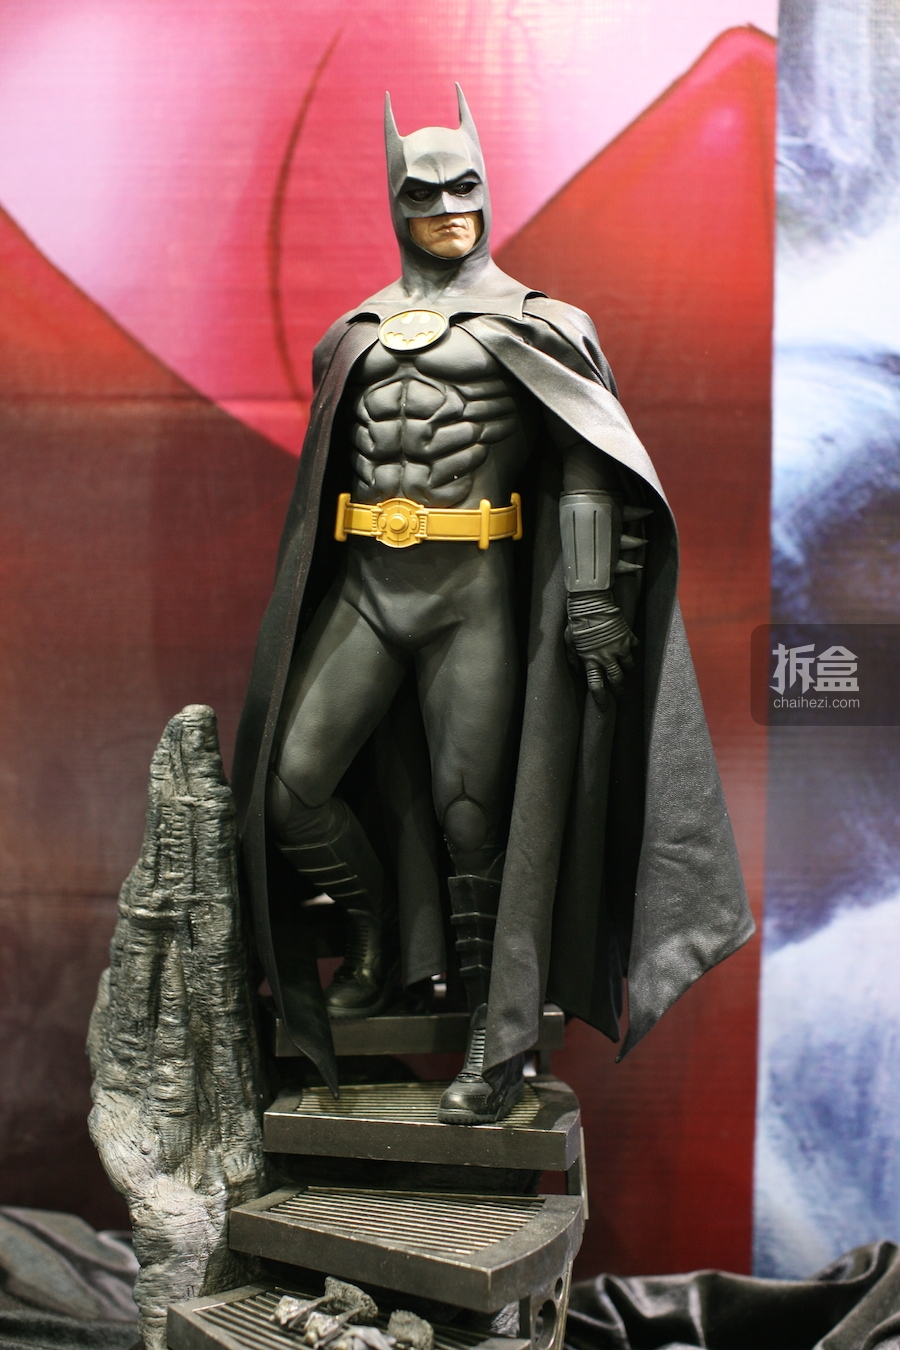 蝙蝠侠 迈克尔·基顿版 PF系列雕像